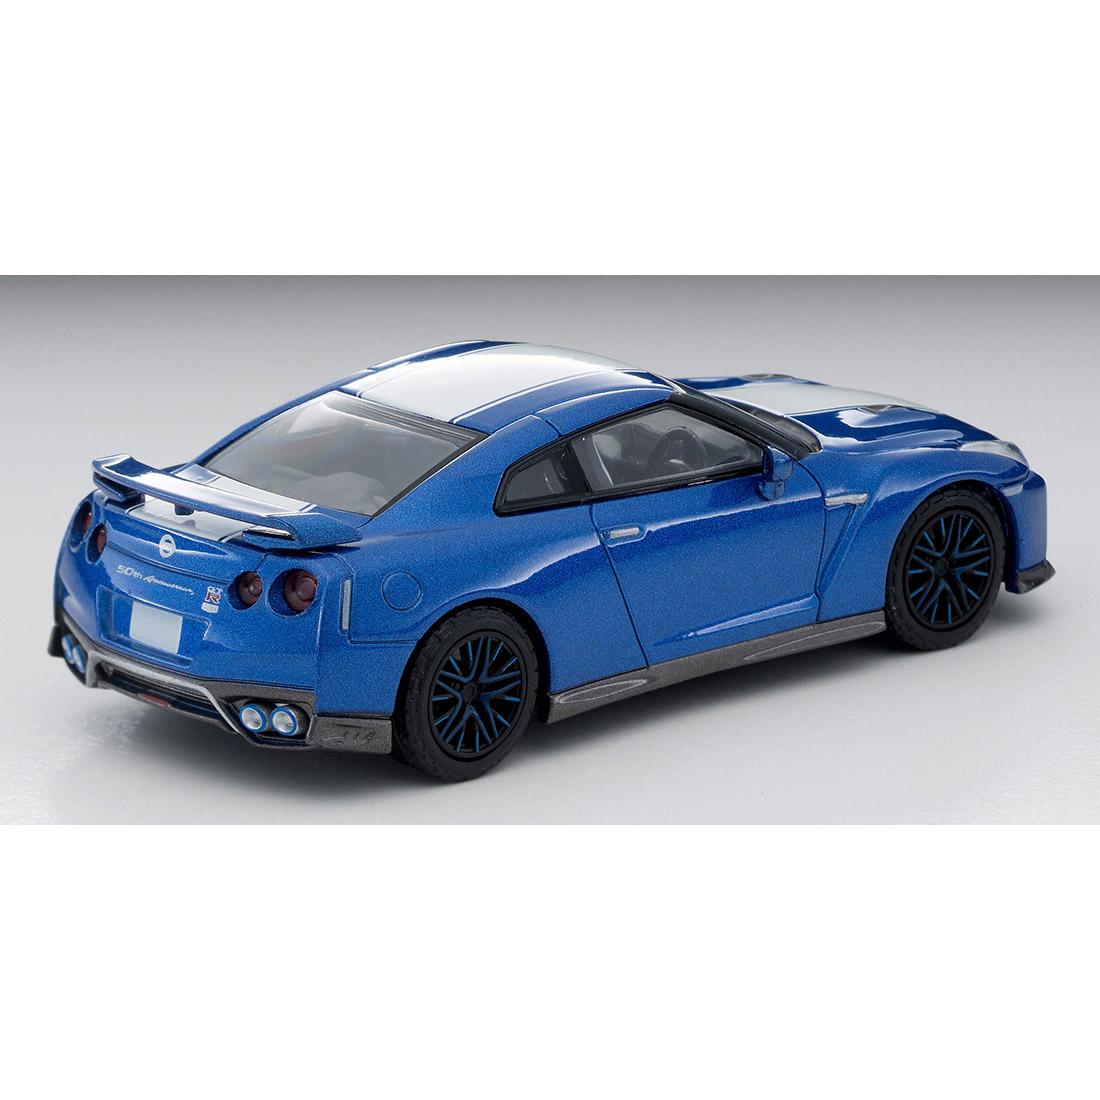 トミカリミテッドヴィンテージ ネオ LV-N200a『日産GT-R 50th ANNIVERSARY(青)』1/64 ミニカー-003